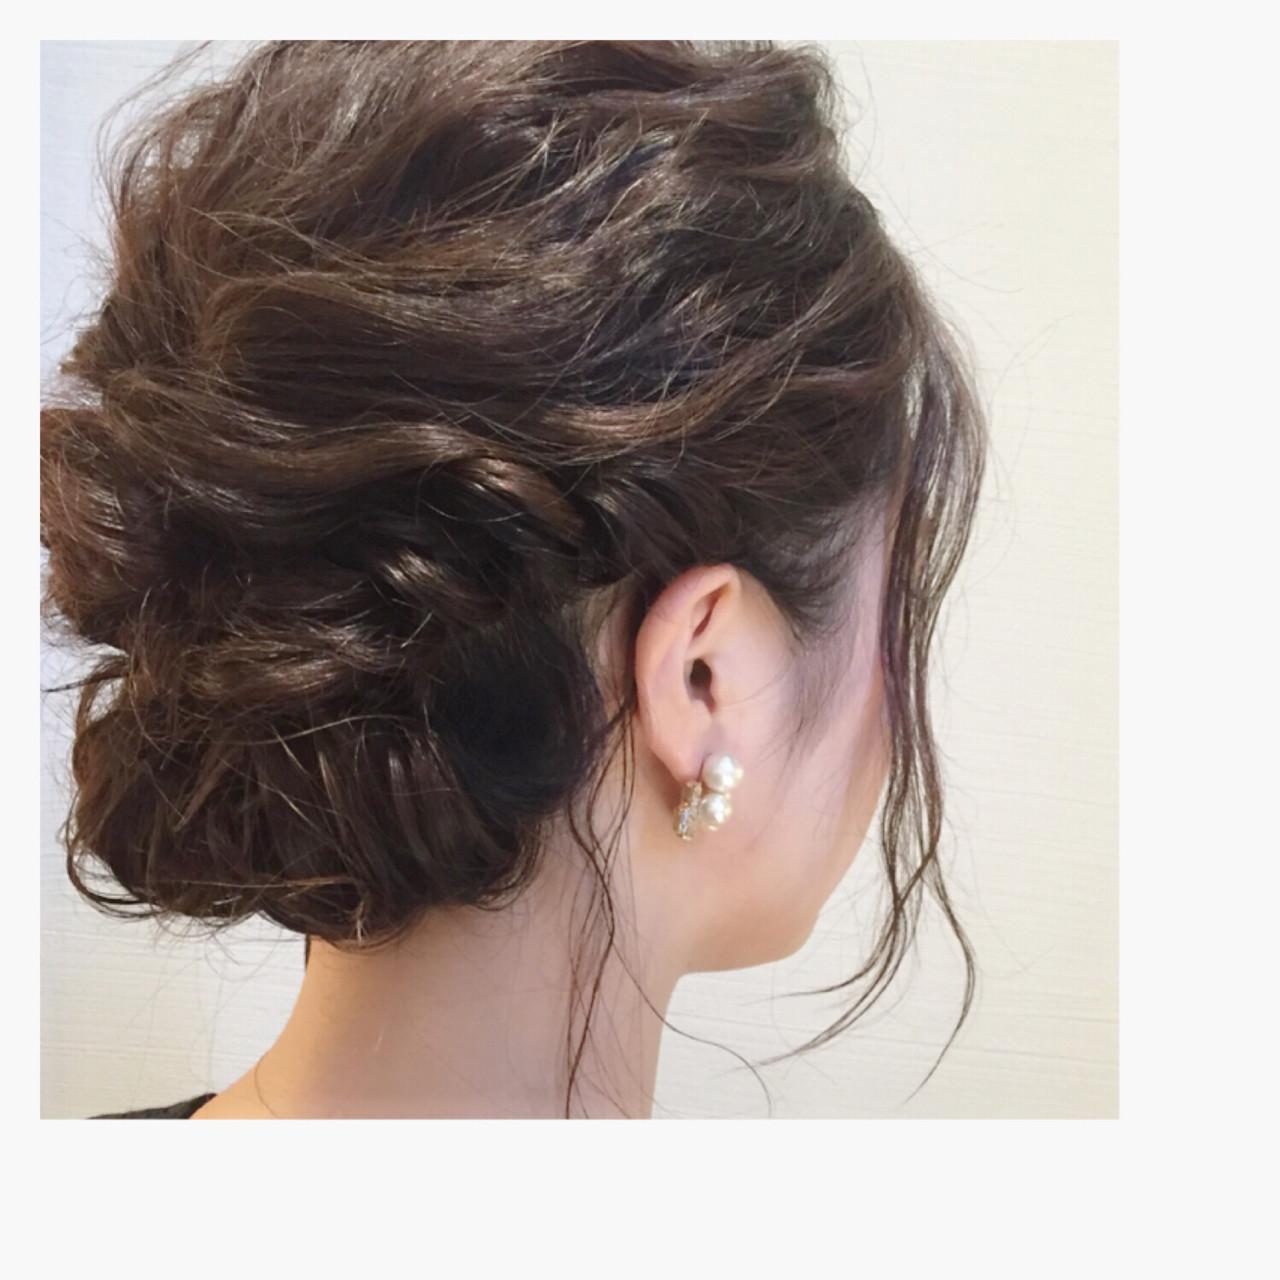 ヘアアレンジ ショート 編み込み ゆるふわヘアスタイルや髪型の写真・画像